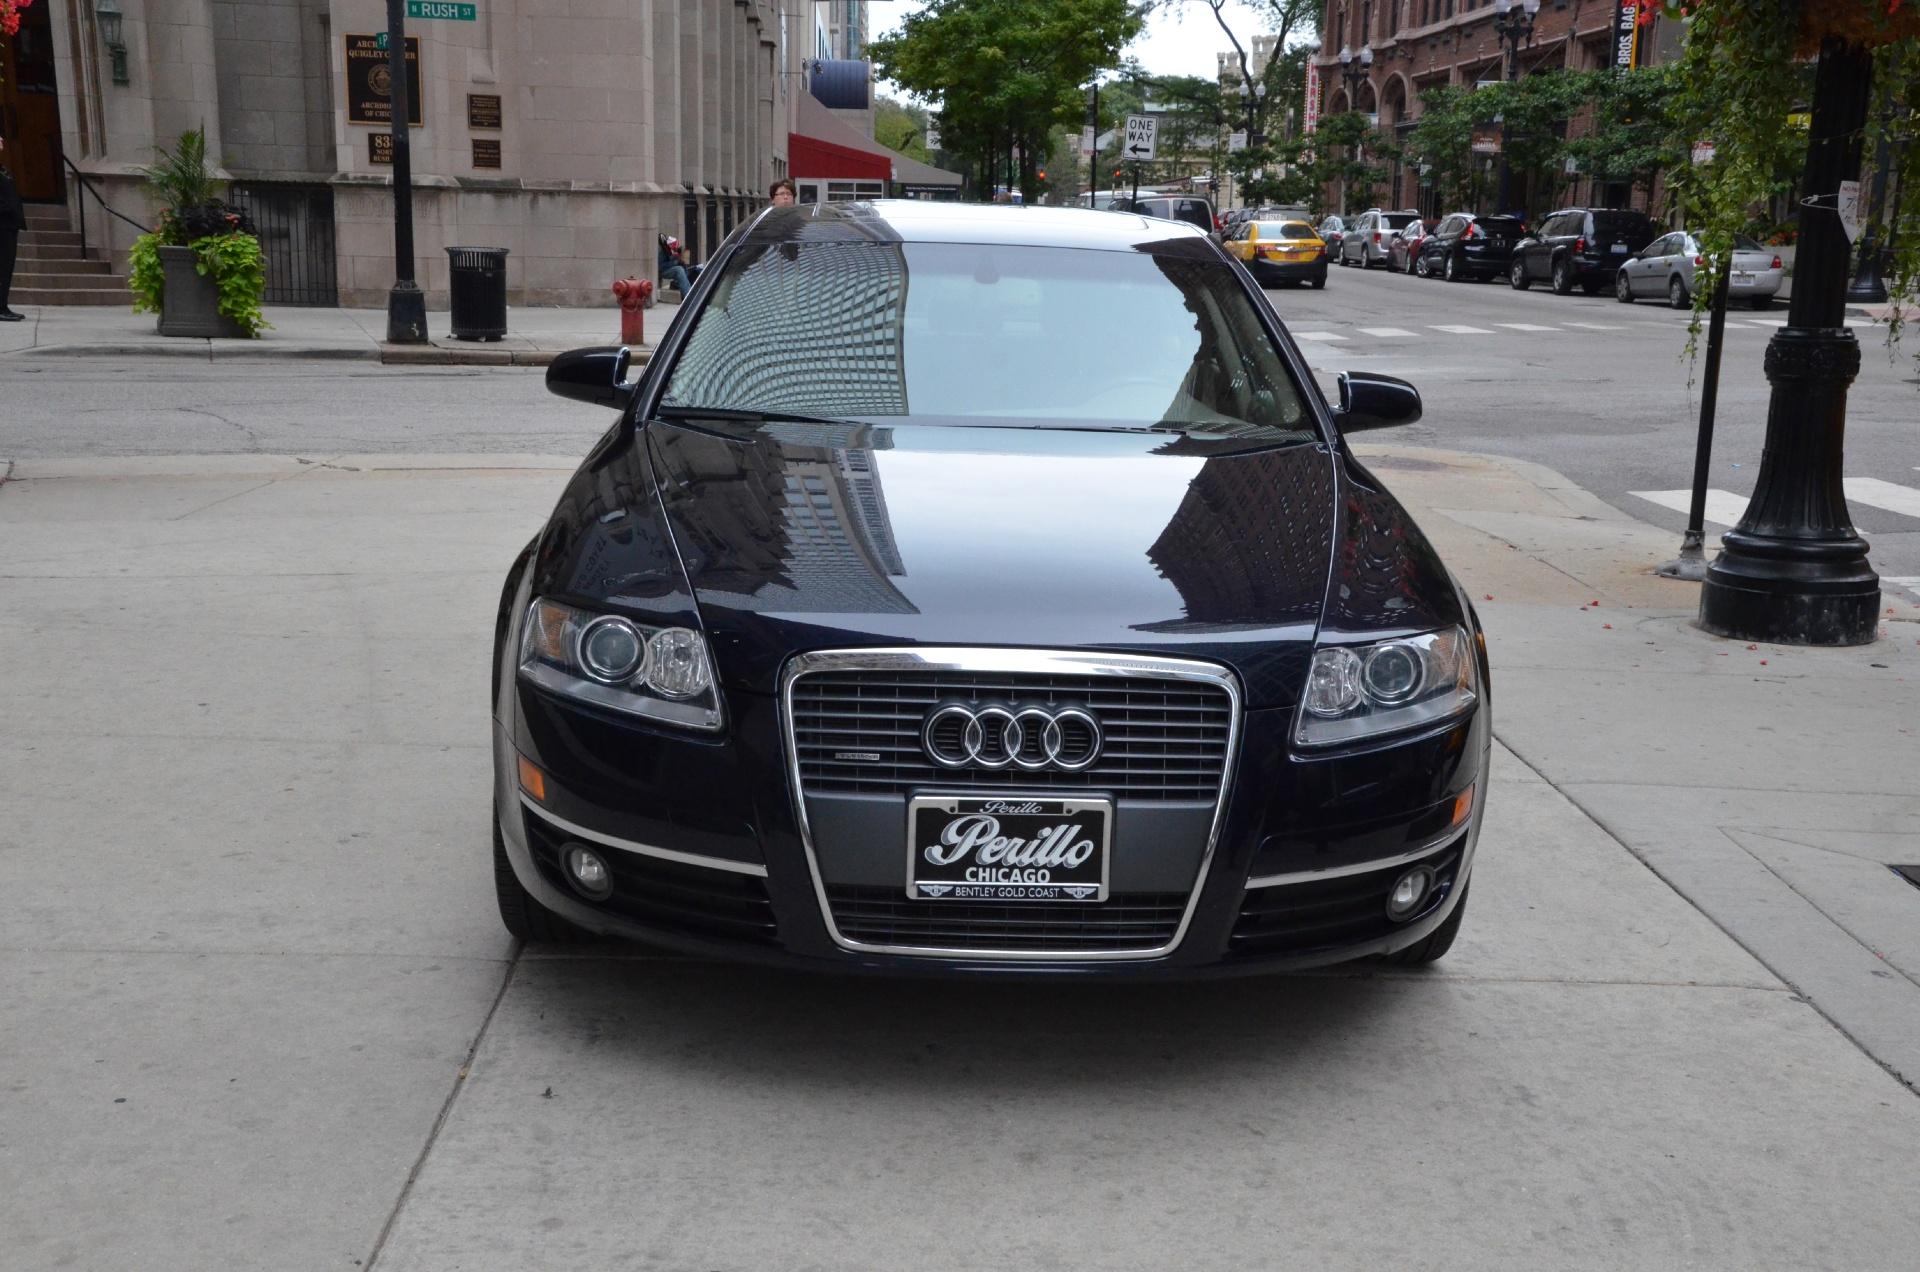 Kelebihan Kekurangan Audi A6 4.2 V8 Tangguh